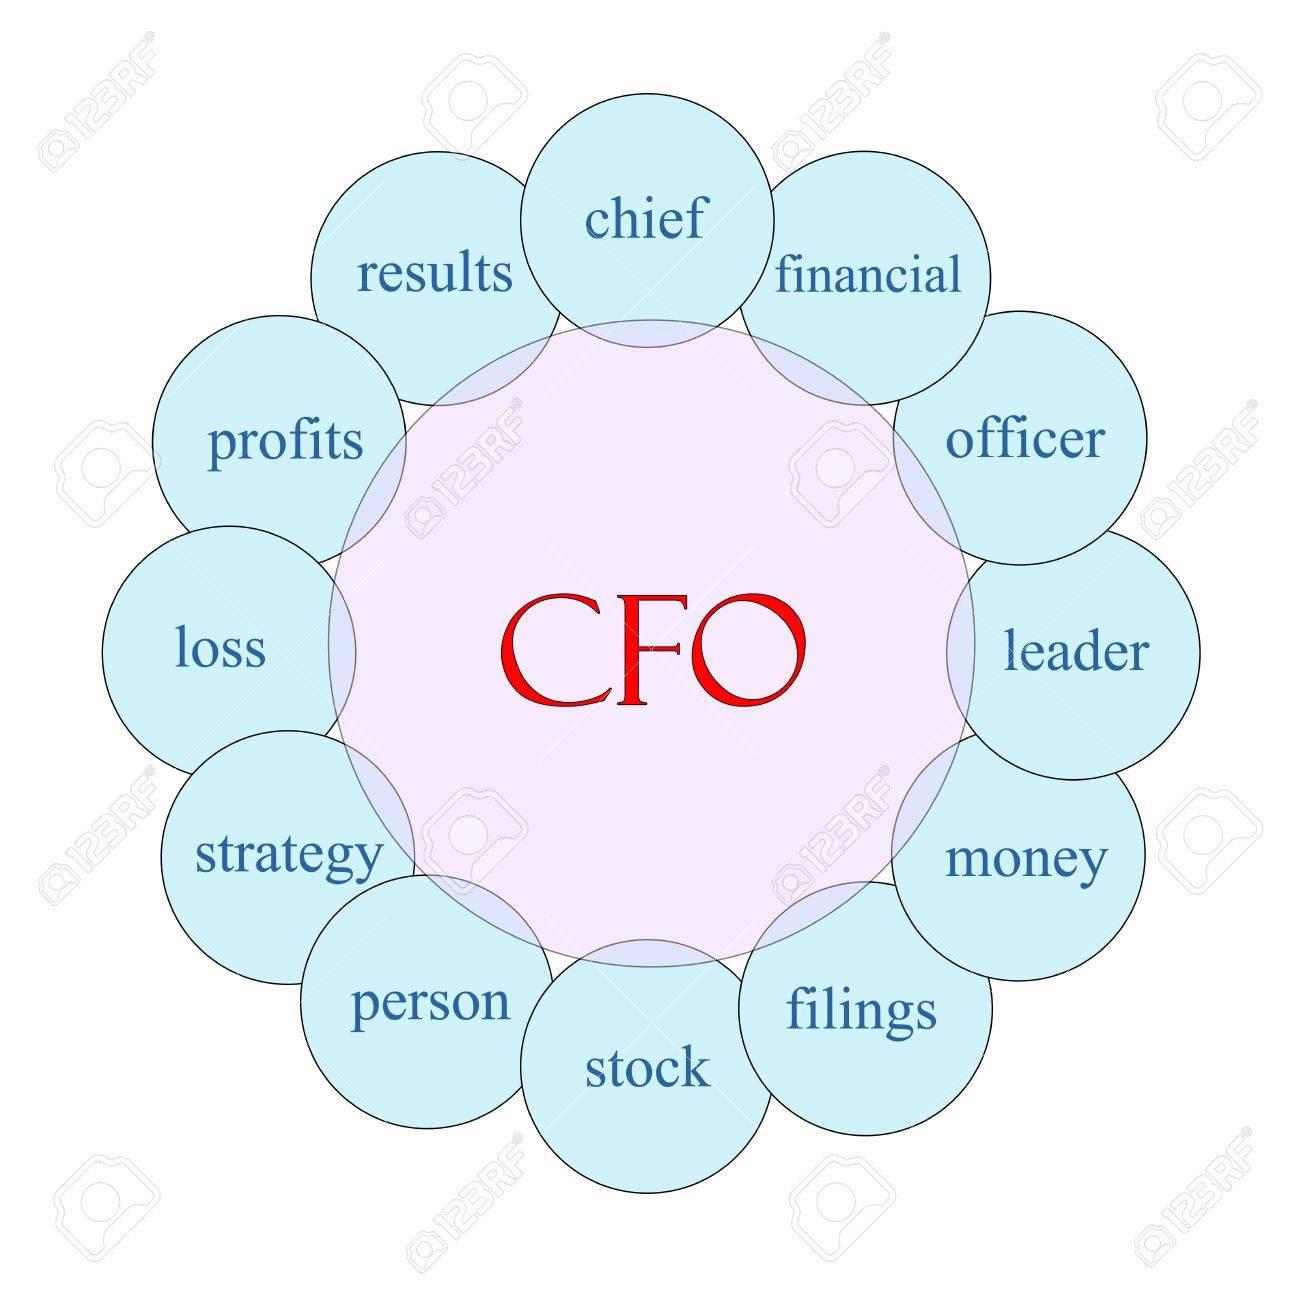 Diagrama CFO Concepto Circular De Color Rosa Y Azul Con Términos De ...